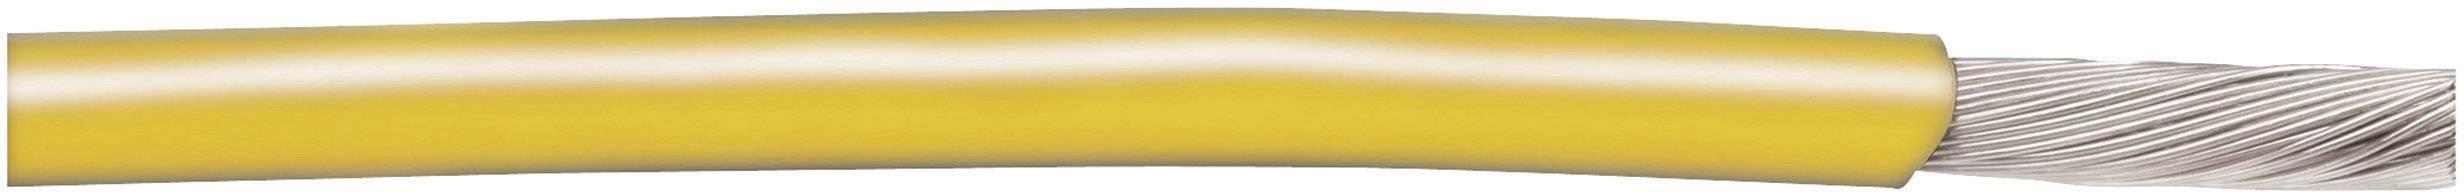 Opletenie / lanko AlphaWire 3079 GY001 1 x 2.08 mm², metrový tovar, zelenožltá